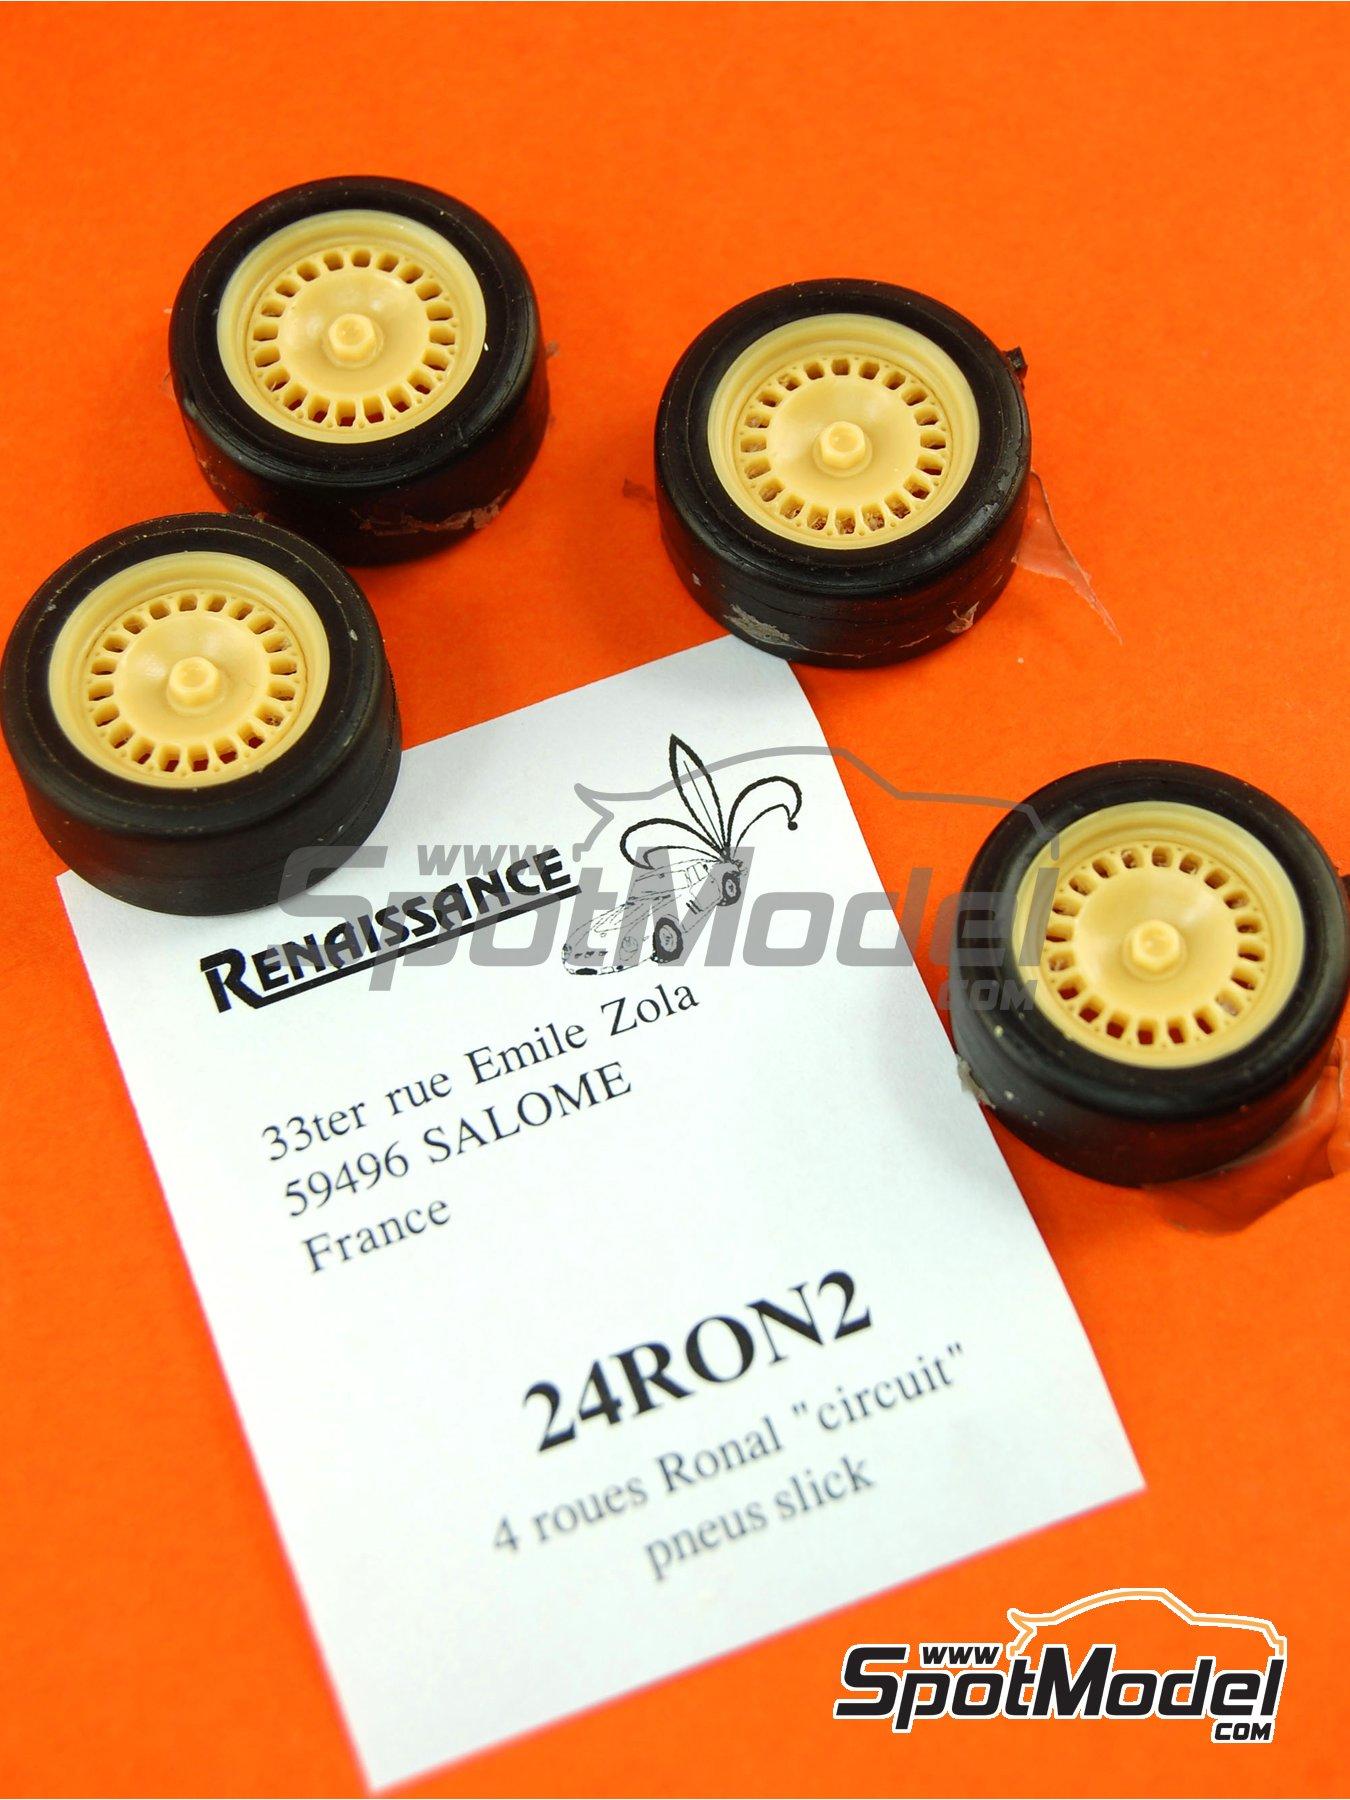 Ronal 15 pulgadas | Set de llantas y neumáticos en escala1/24 fabricado por Renaissance Models (ref.24RON2) image